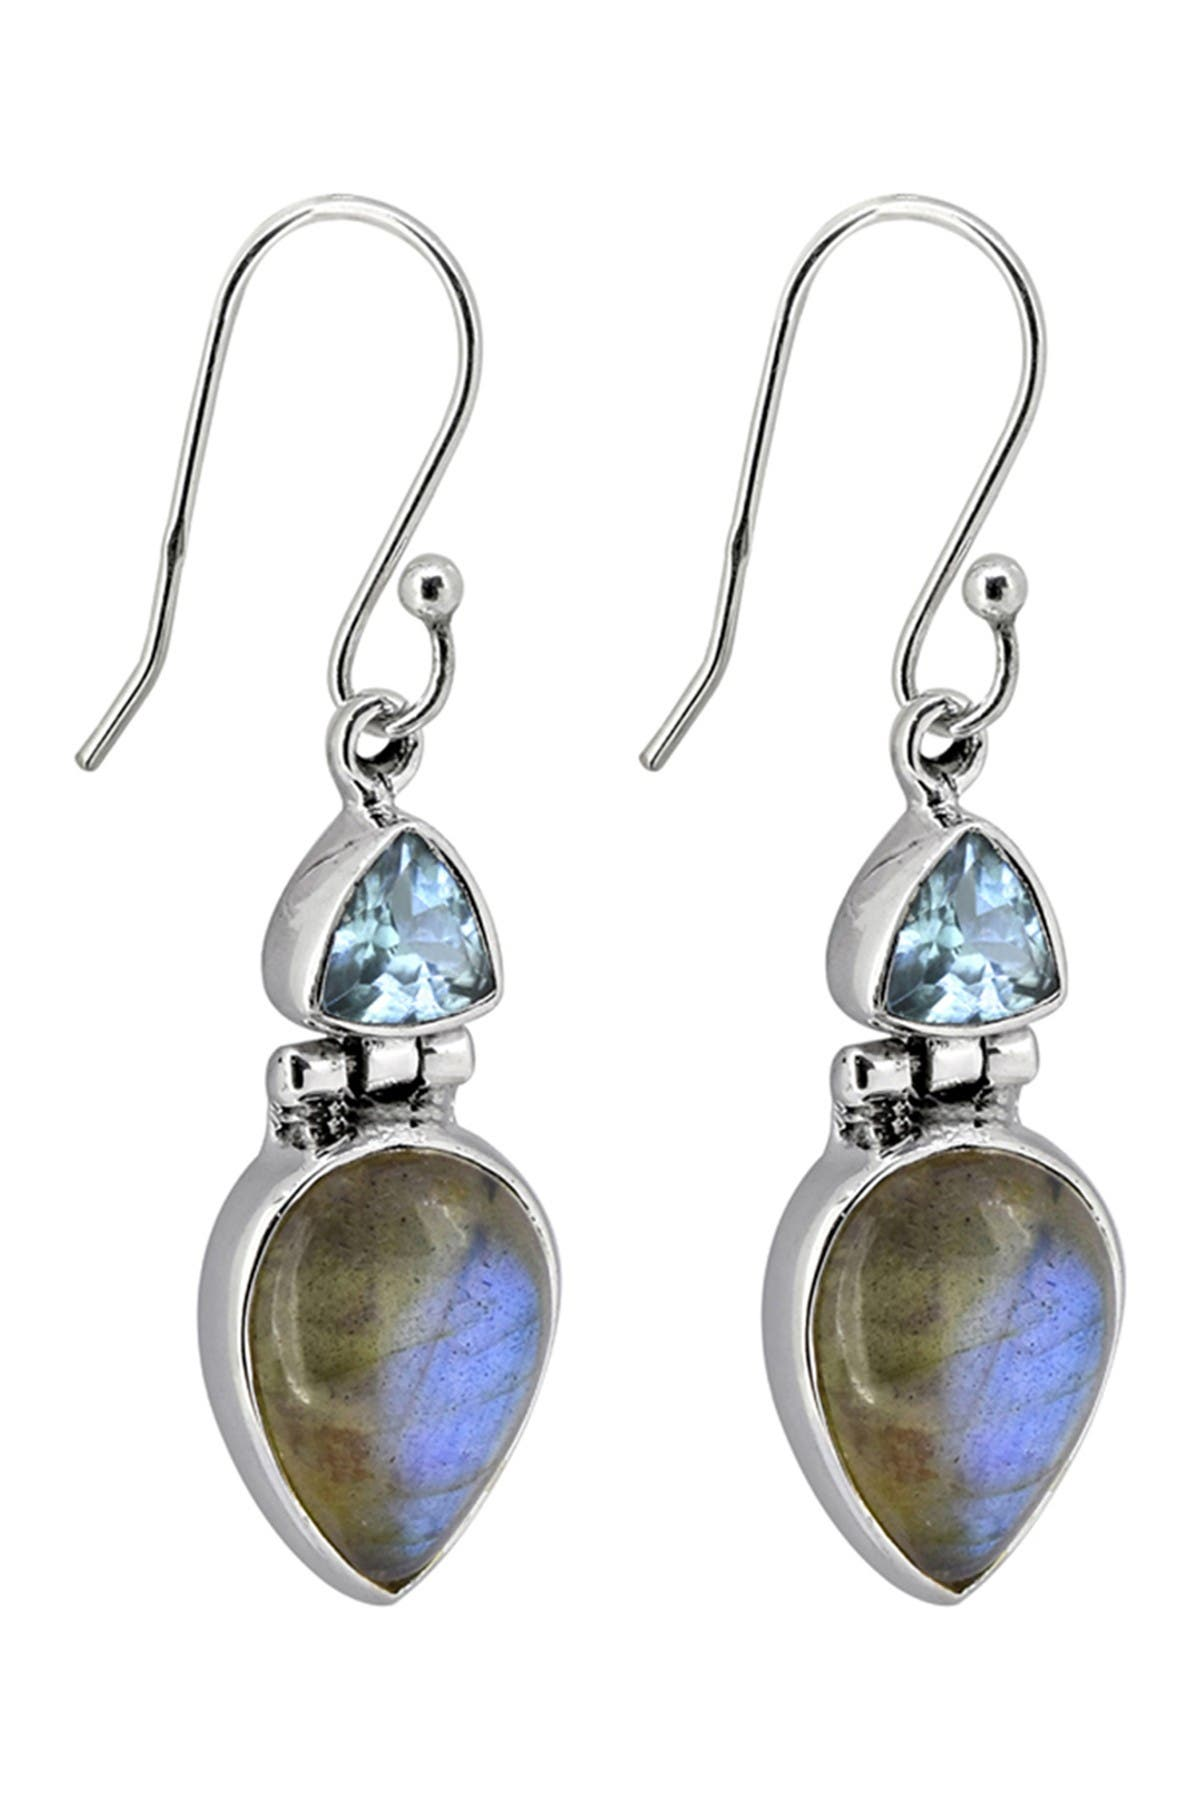 Image of Nitya Sterling Silver Labradorite Blue Topaz Earrings